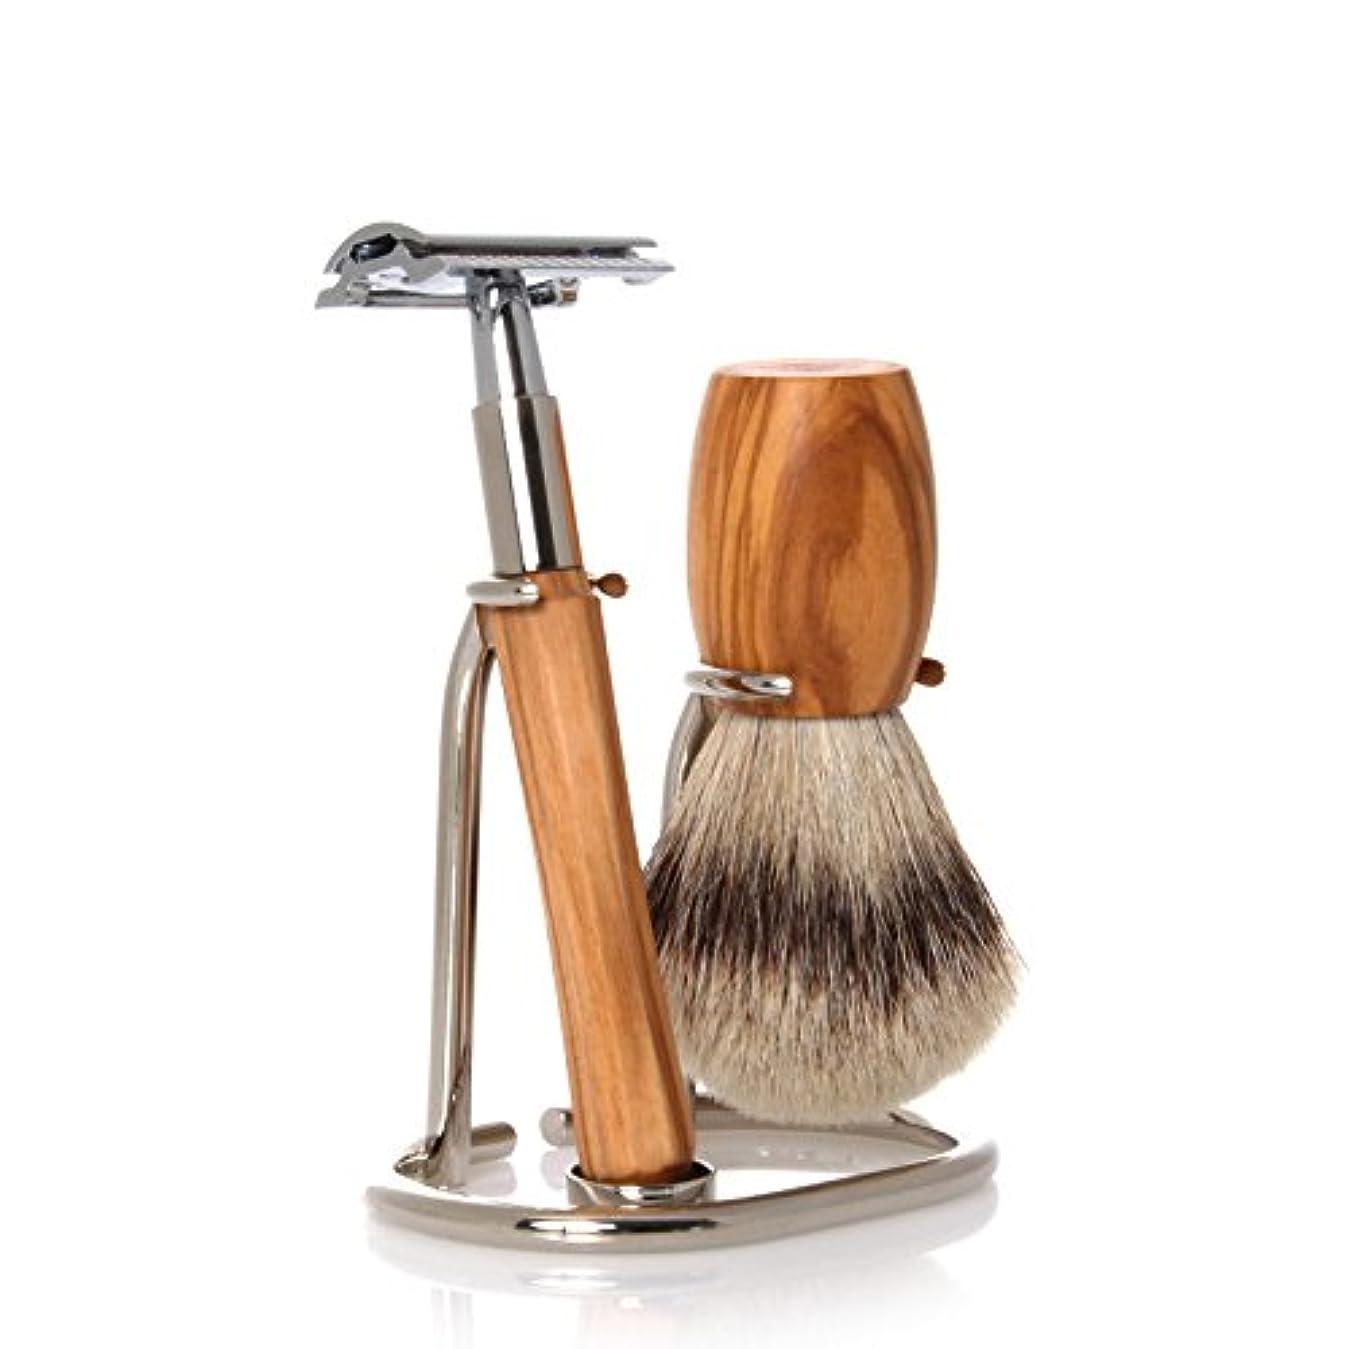 マディソン活気づけるイーウェルGOLDDACHS Shaving Set, Safety razor, Silvertip, olive wood